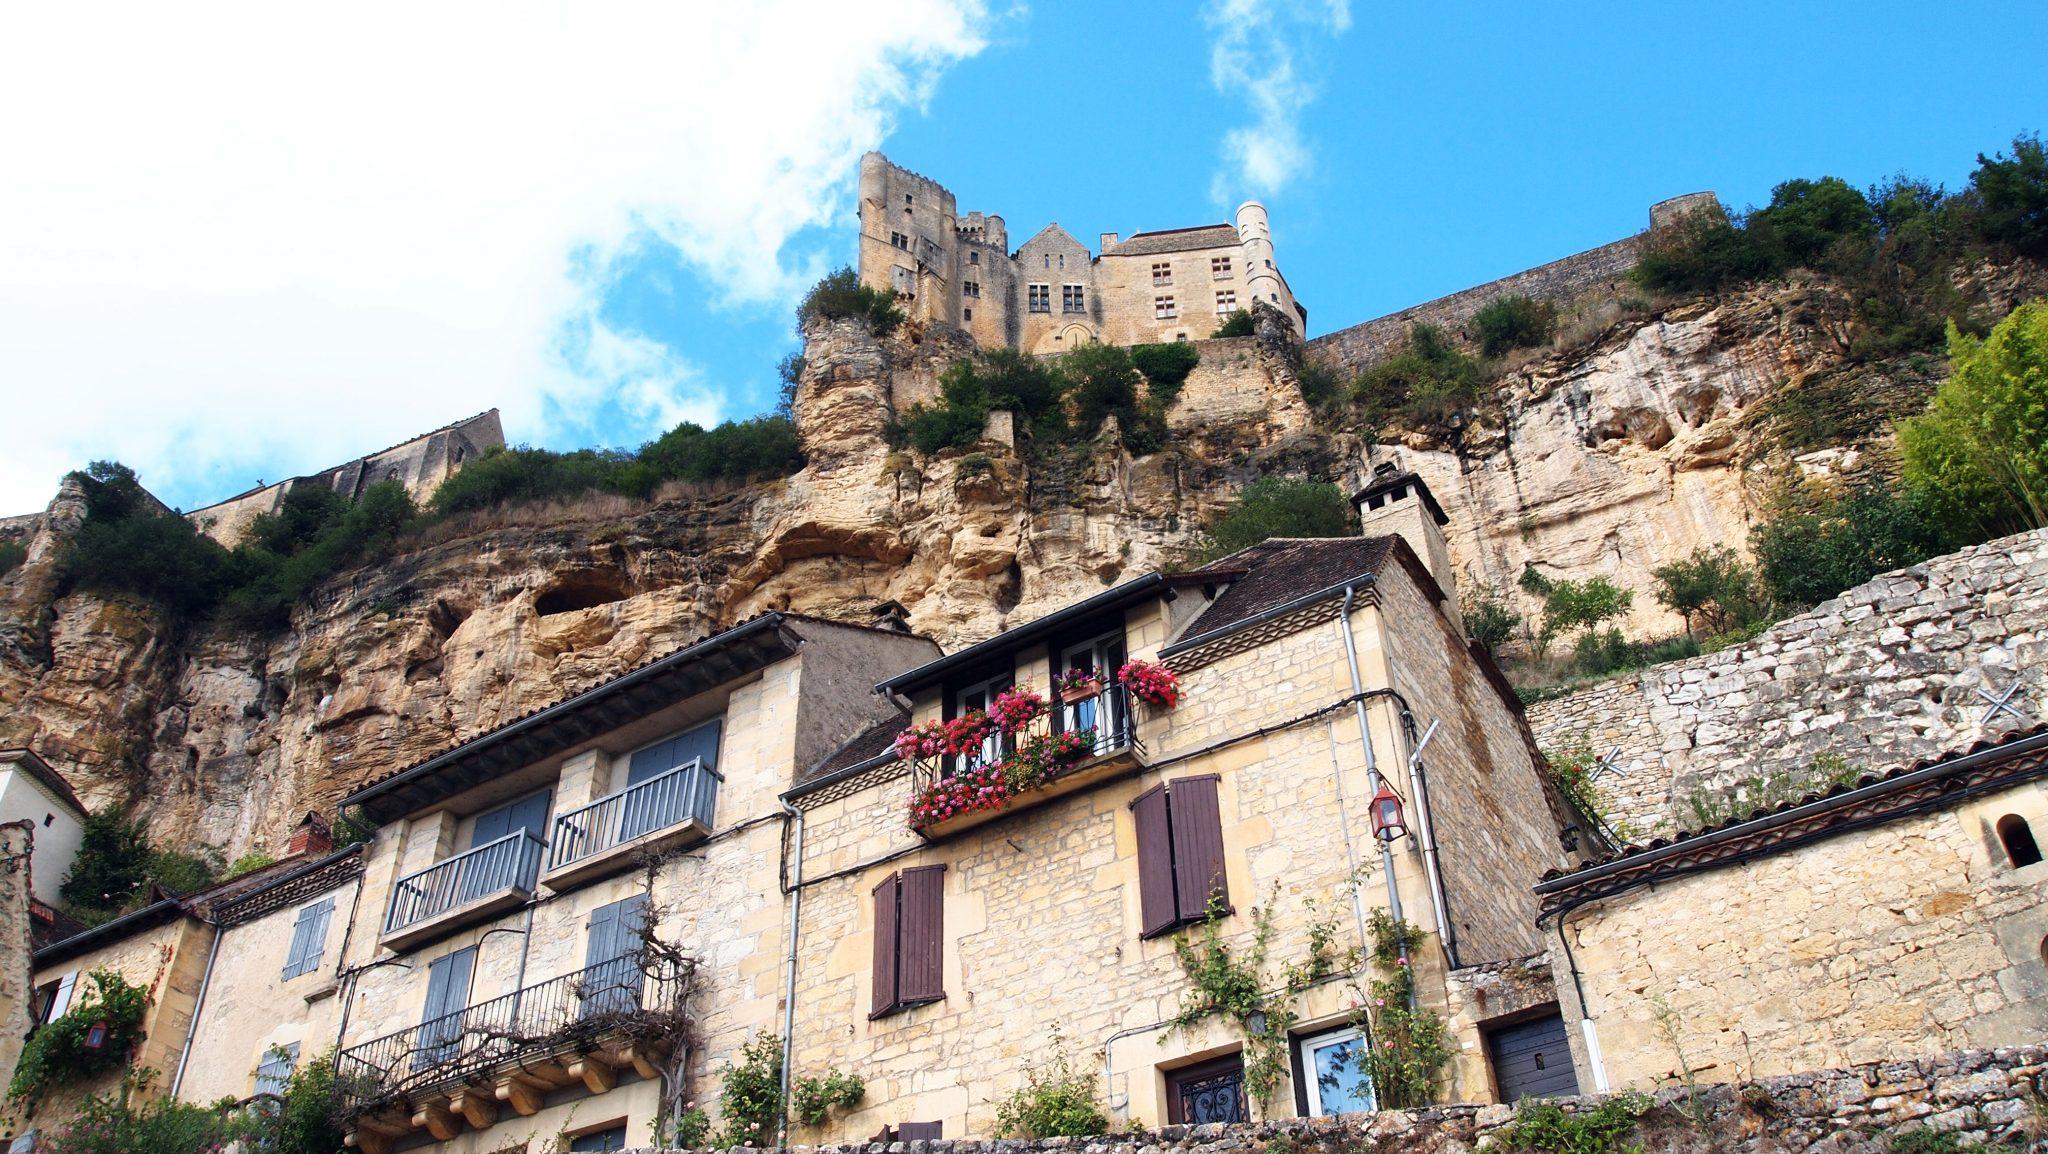 pueblos bonitos francia beynac et cazenac